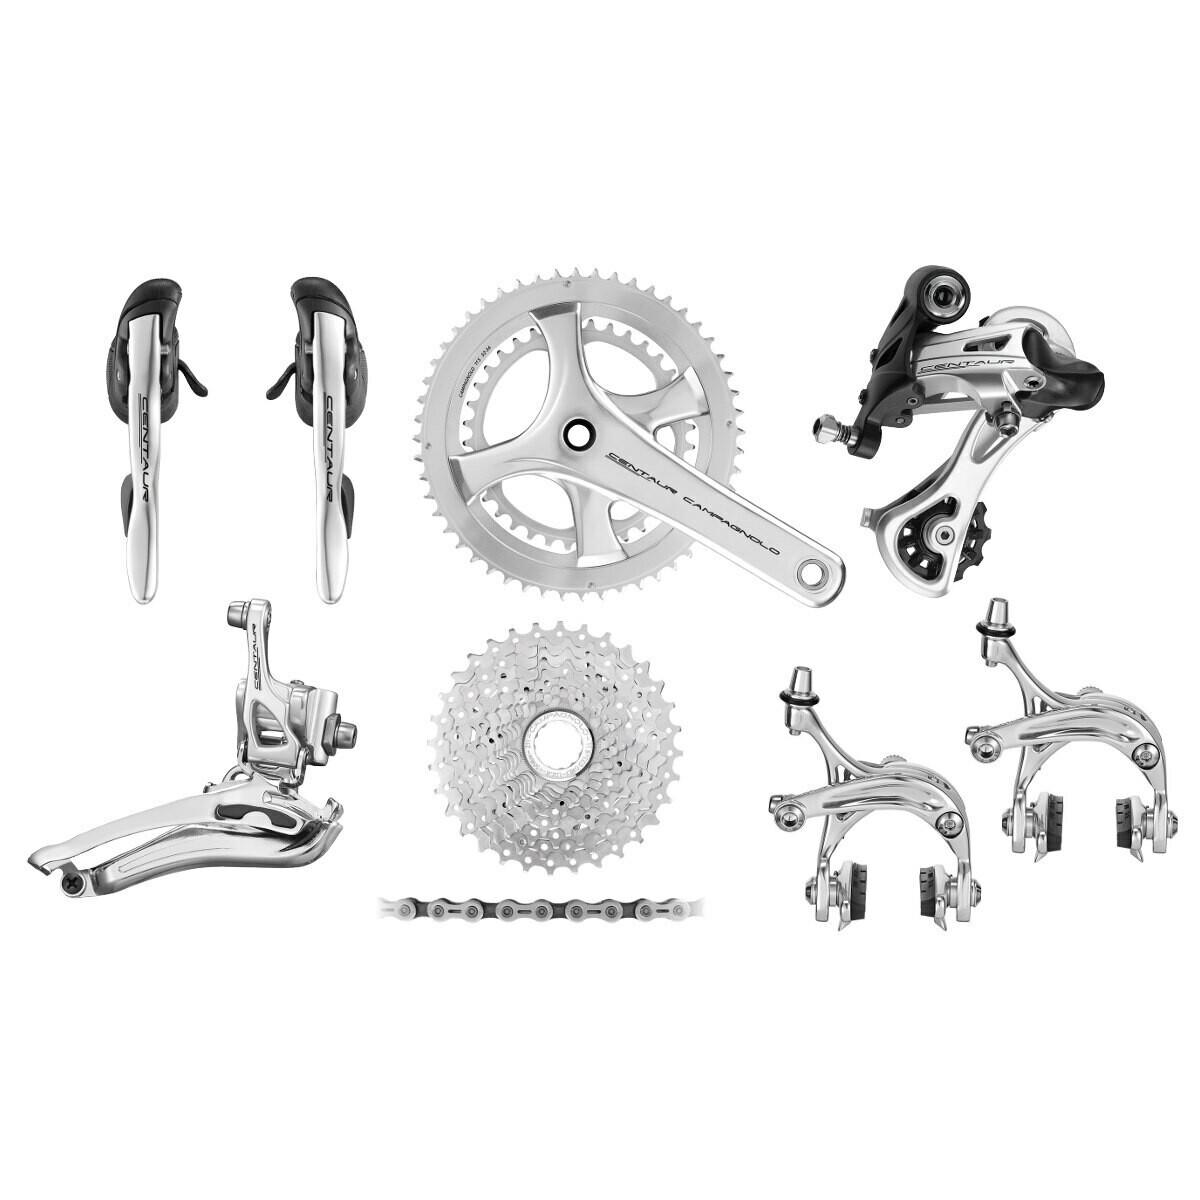 Centaur 11s rim brakes mechanical